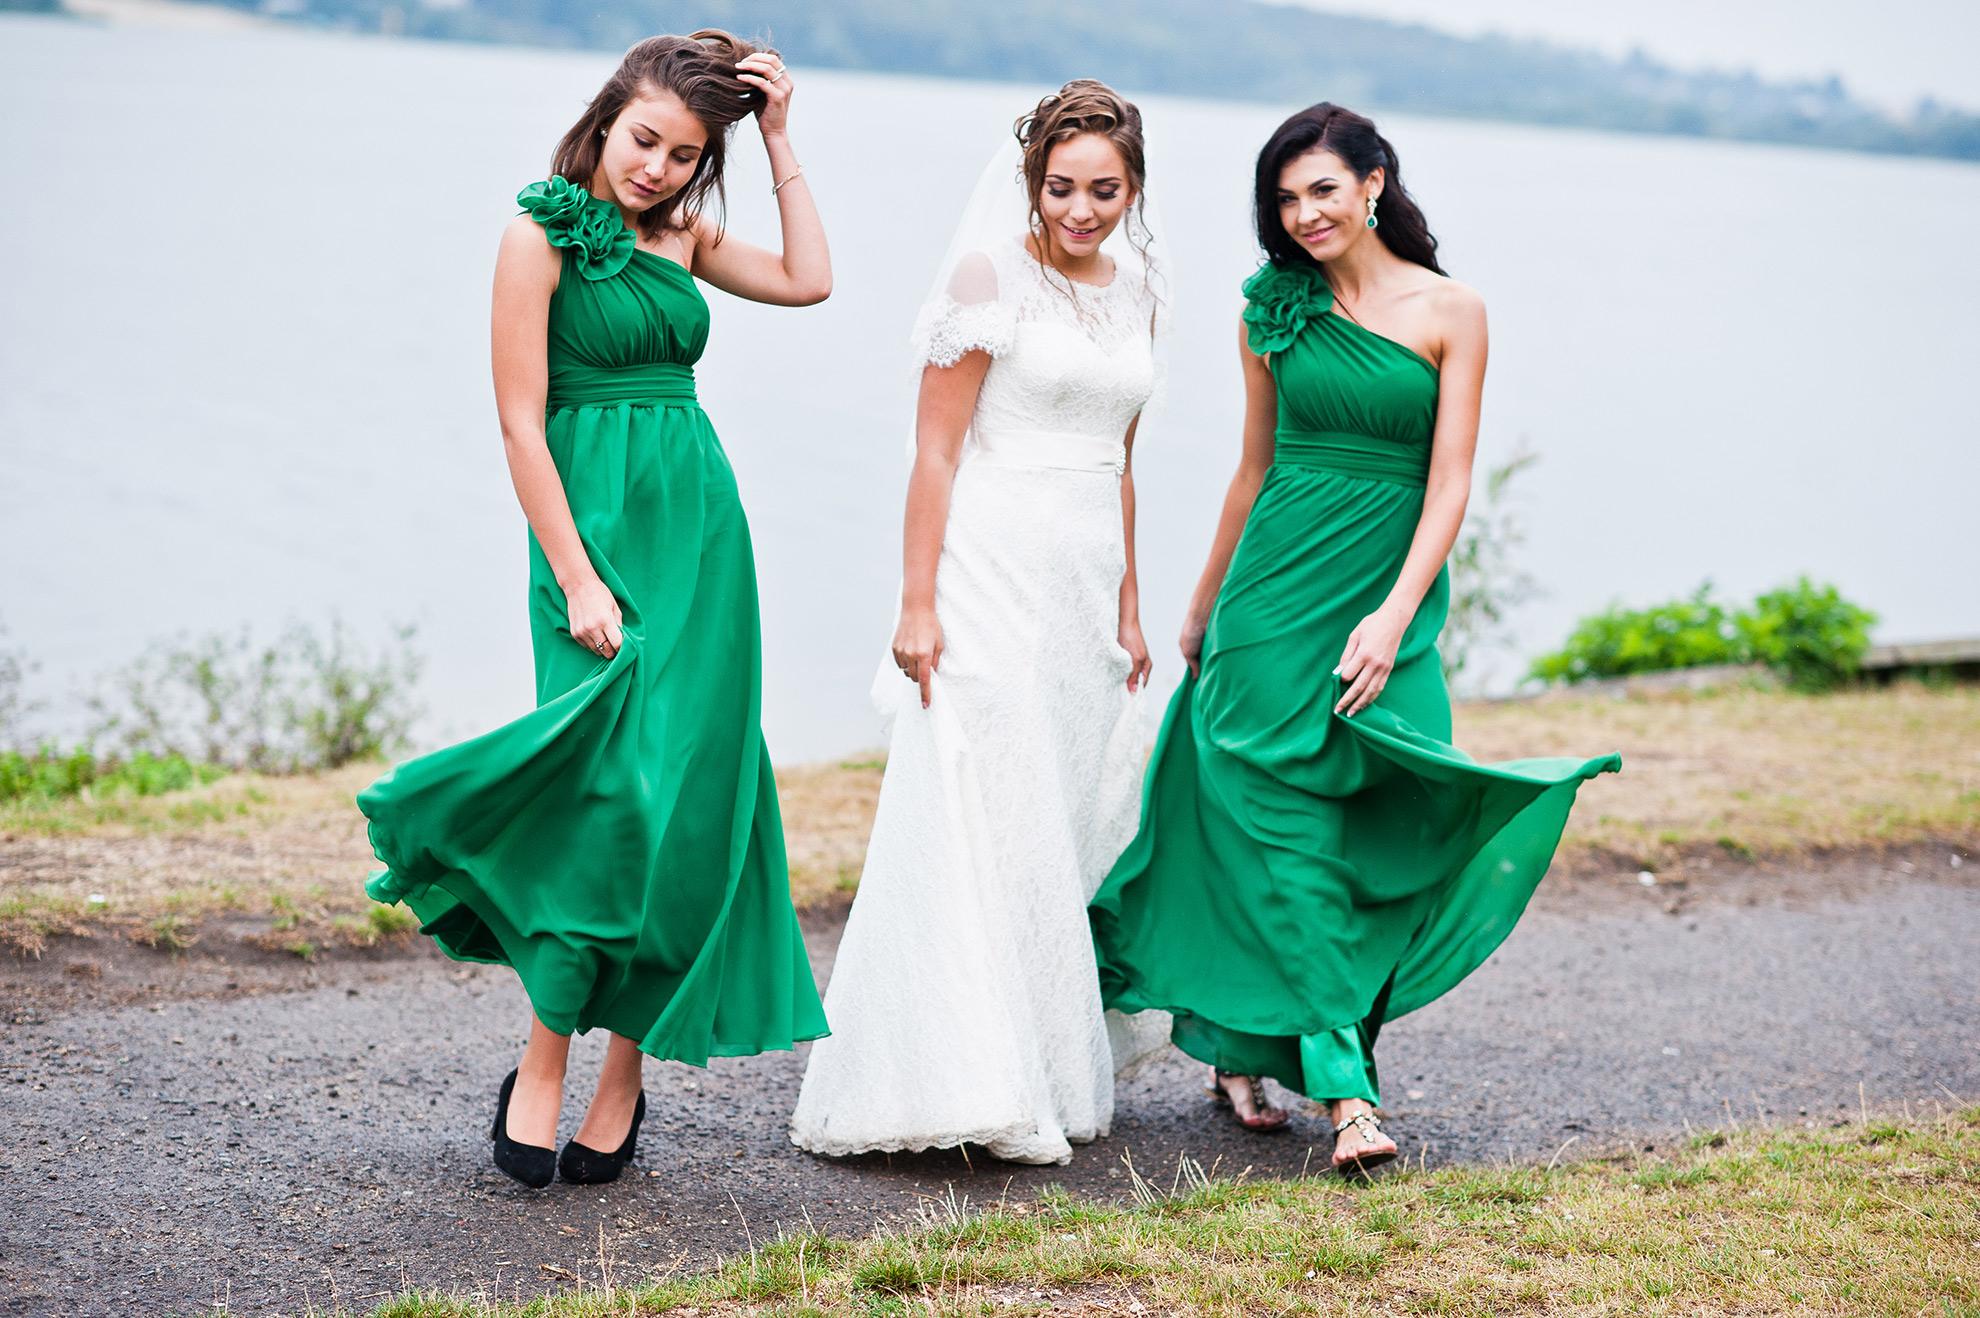 Kobiety w zielonych sukienkach i panna młoda, ilustracja do artykułu o żakietach do zielonej sukienki